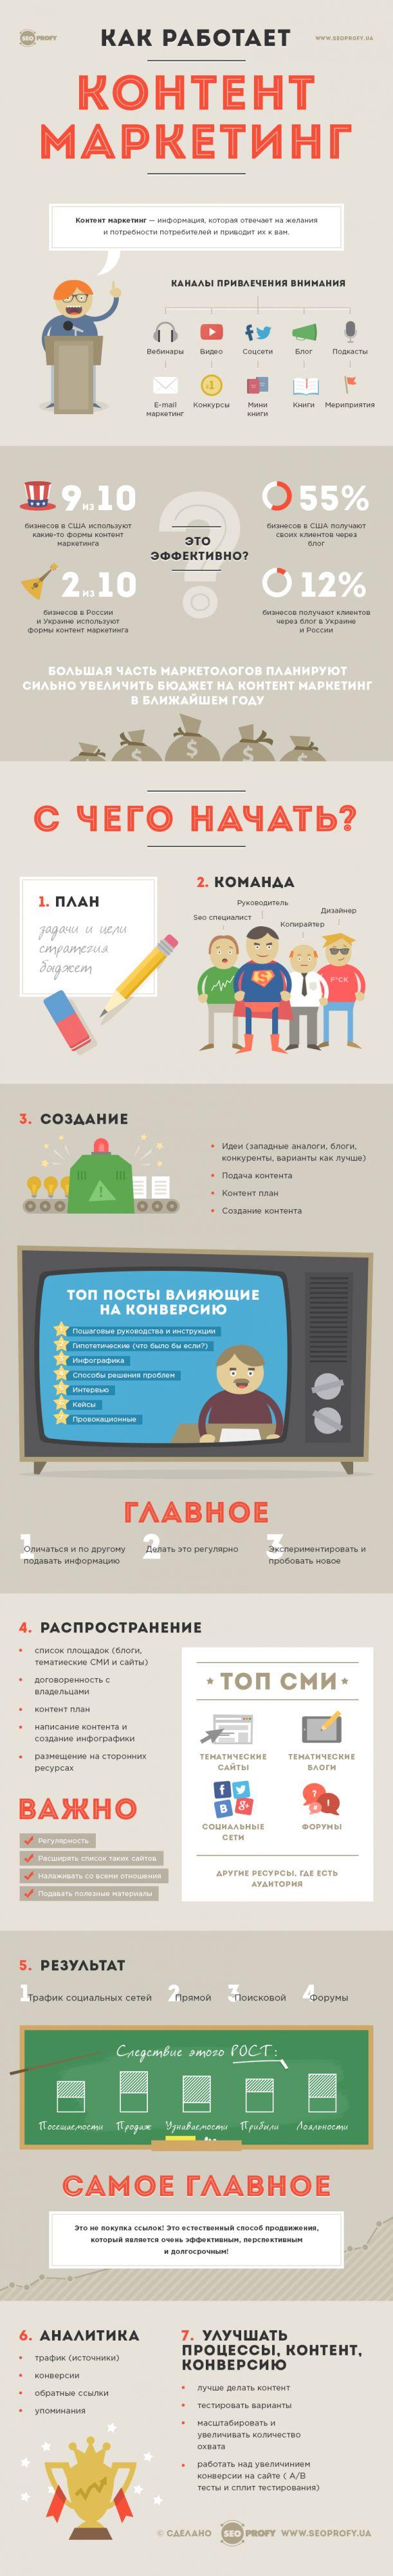 Инфографика: как работает контент маркетинг - SeoProfy